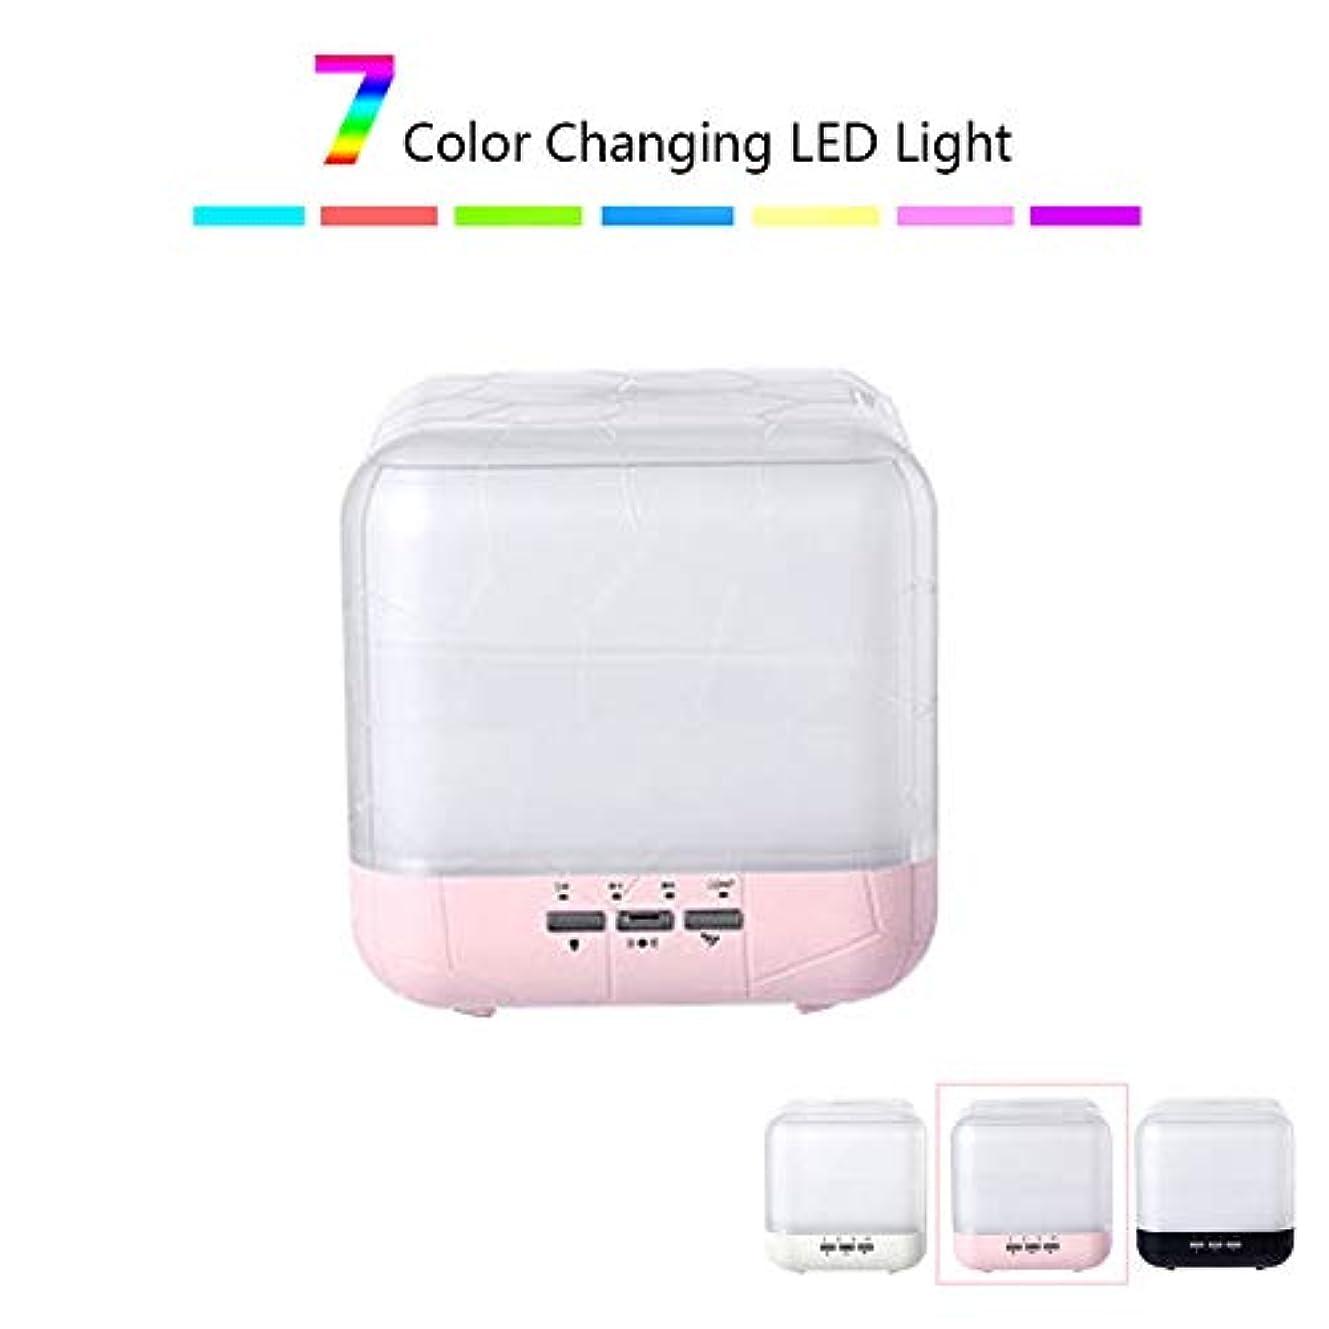 ホールドオール定規寝るエッセンシャルオイルディフューザー、1000mlアロマセラピー香り付きオイルディフューザー気化器加湿器、ウォーターレスオートオフ7 LEDライトカラー,ピンク